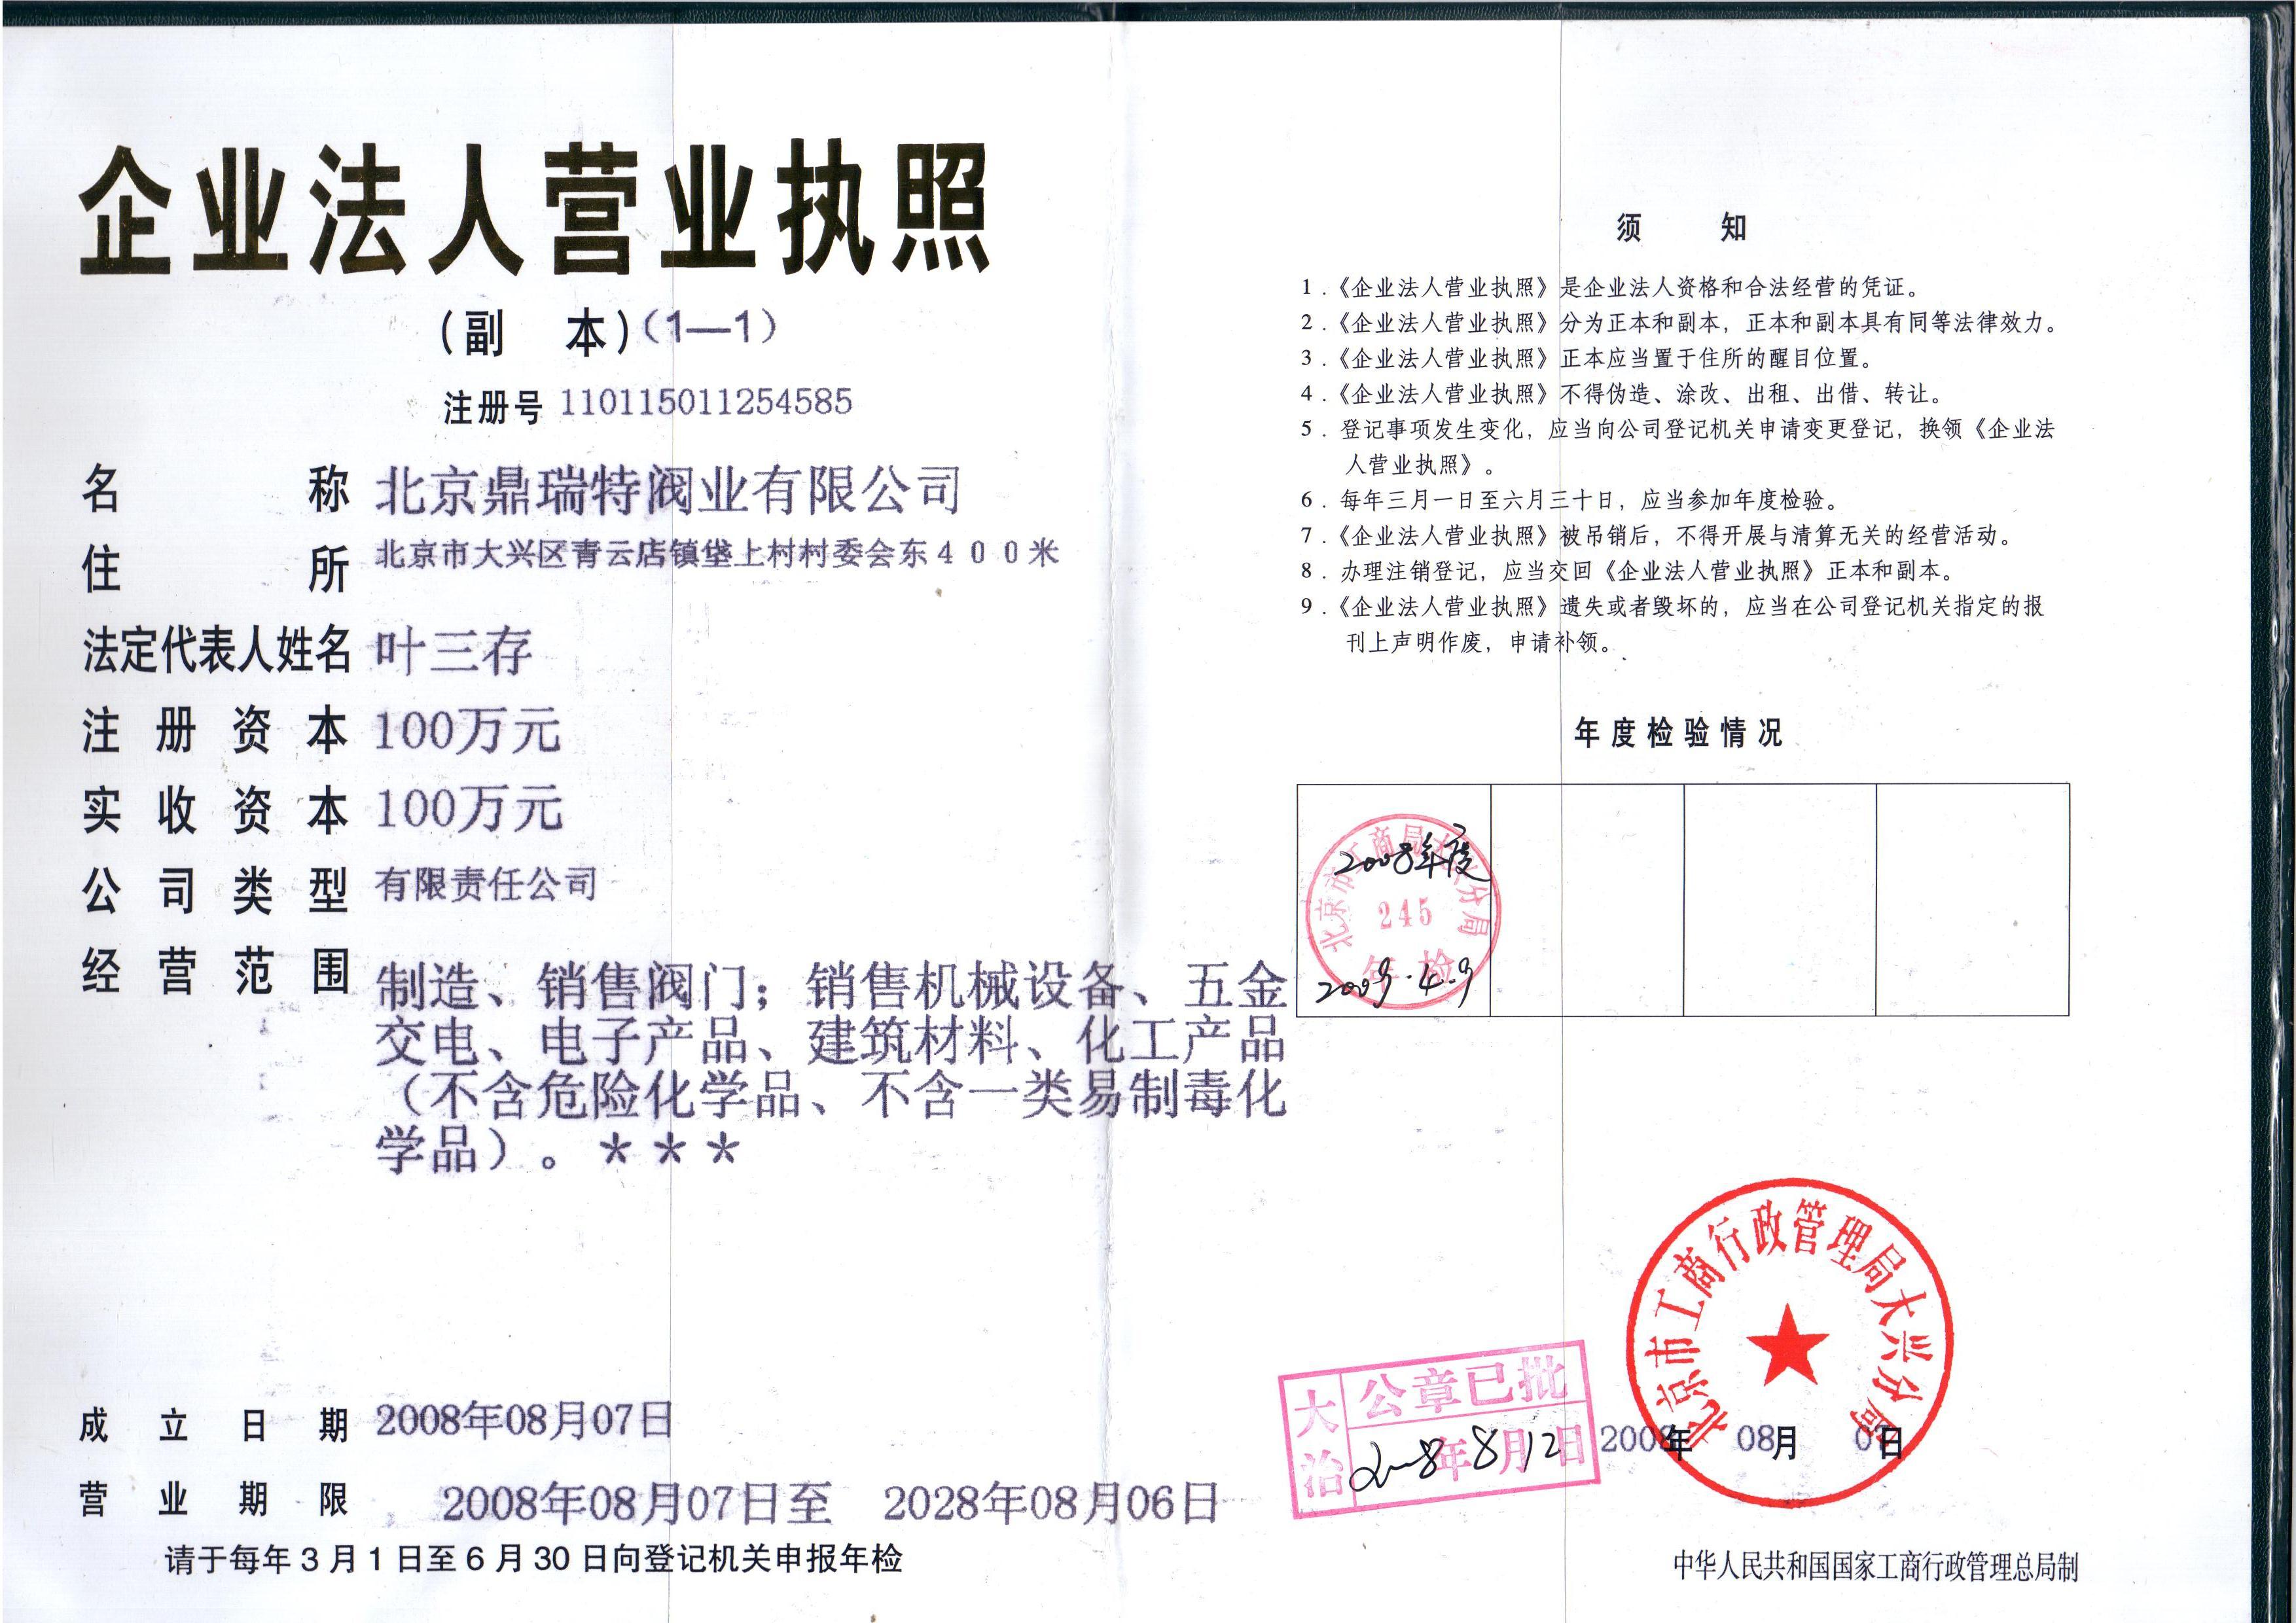 棋牌游戏微信群号 微信棋牌游戏代理平台院况介绍 1949年,伴随着新中国的诞生,中国科学院成立延边麻将延边麻将。 作为国家在科学技术方面的最高学术机构和全国自然科学与高新技术的综合研究与发展中心,建院以来,.天真Q友个性网有大量棋牌游戏微信群号,微信棋牌游戏代理平台,微信群房间号棋牌游戏以及包含棋牌游戏微信群号的其他资源,欢迎大家到天真Q友个性网浏览。